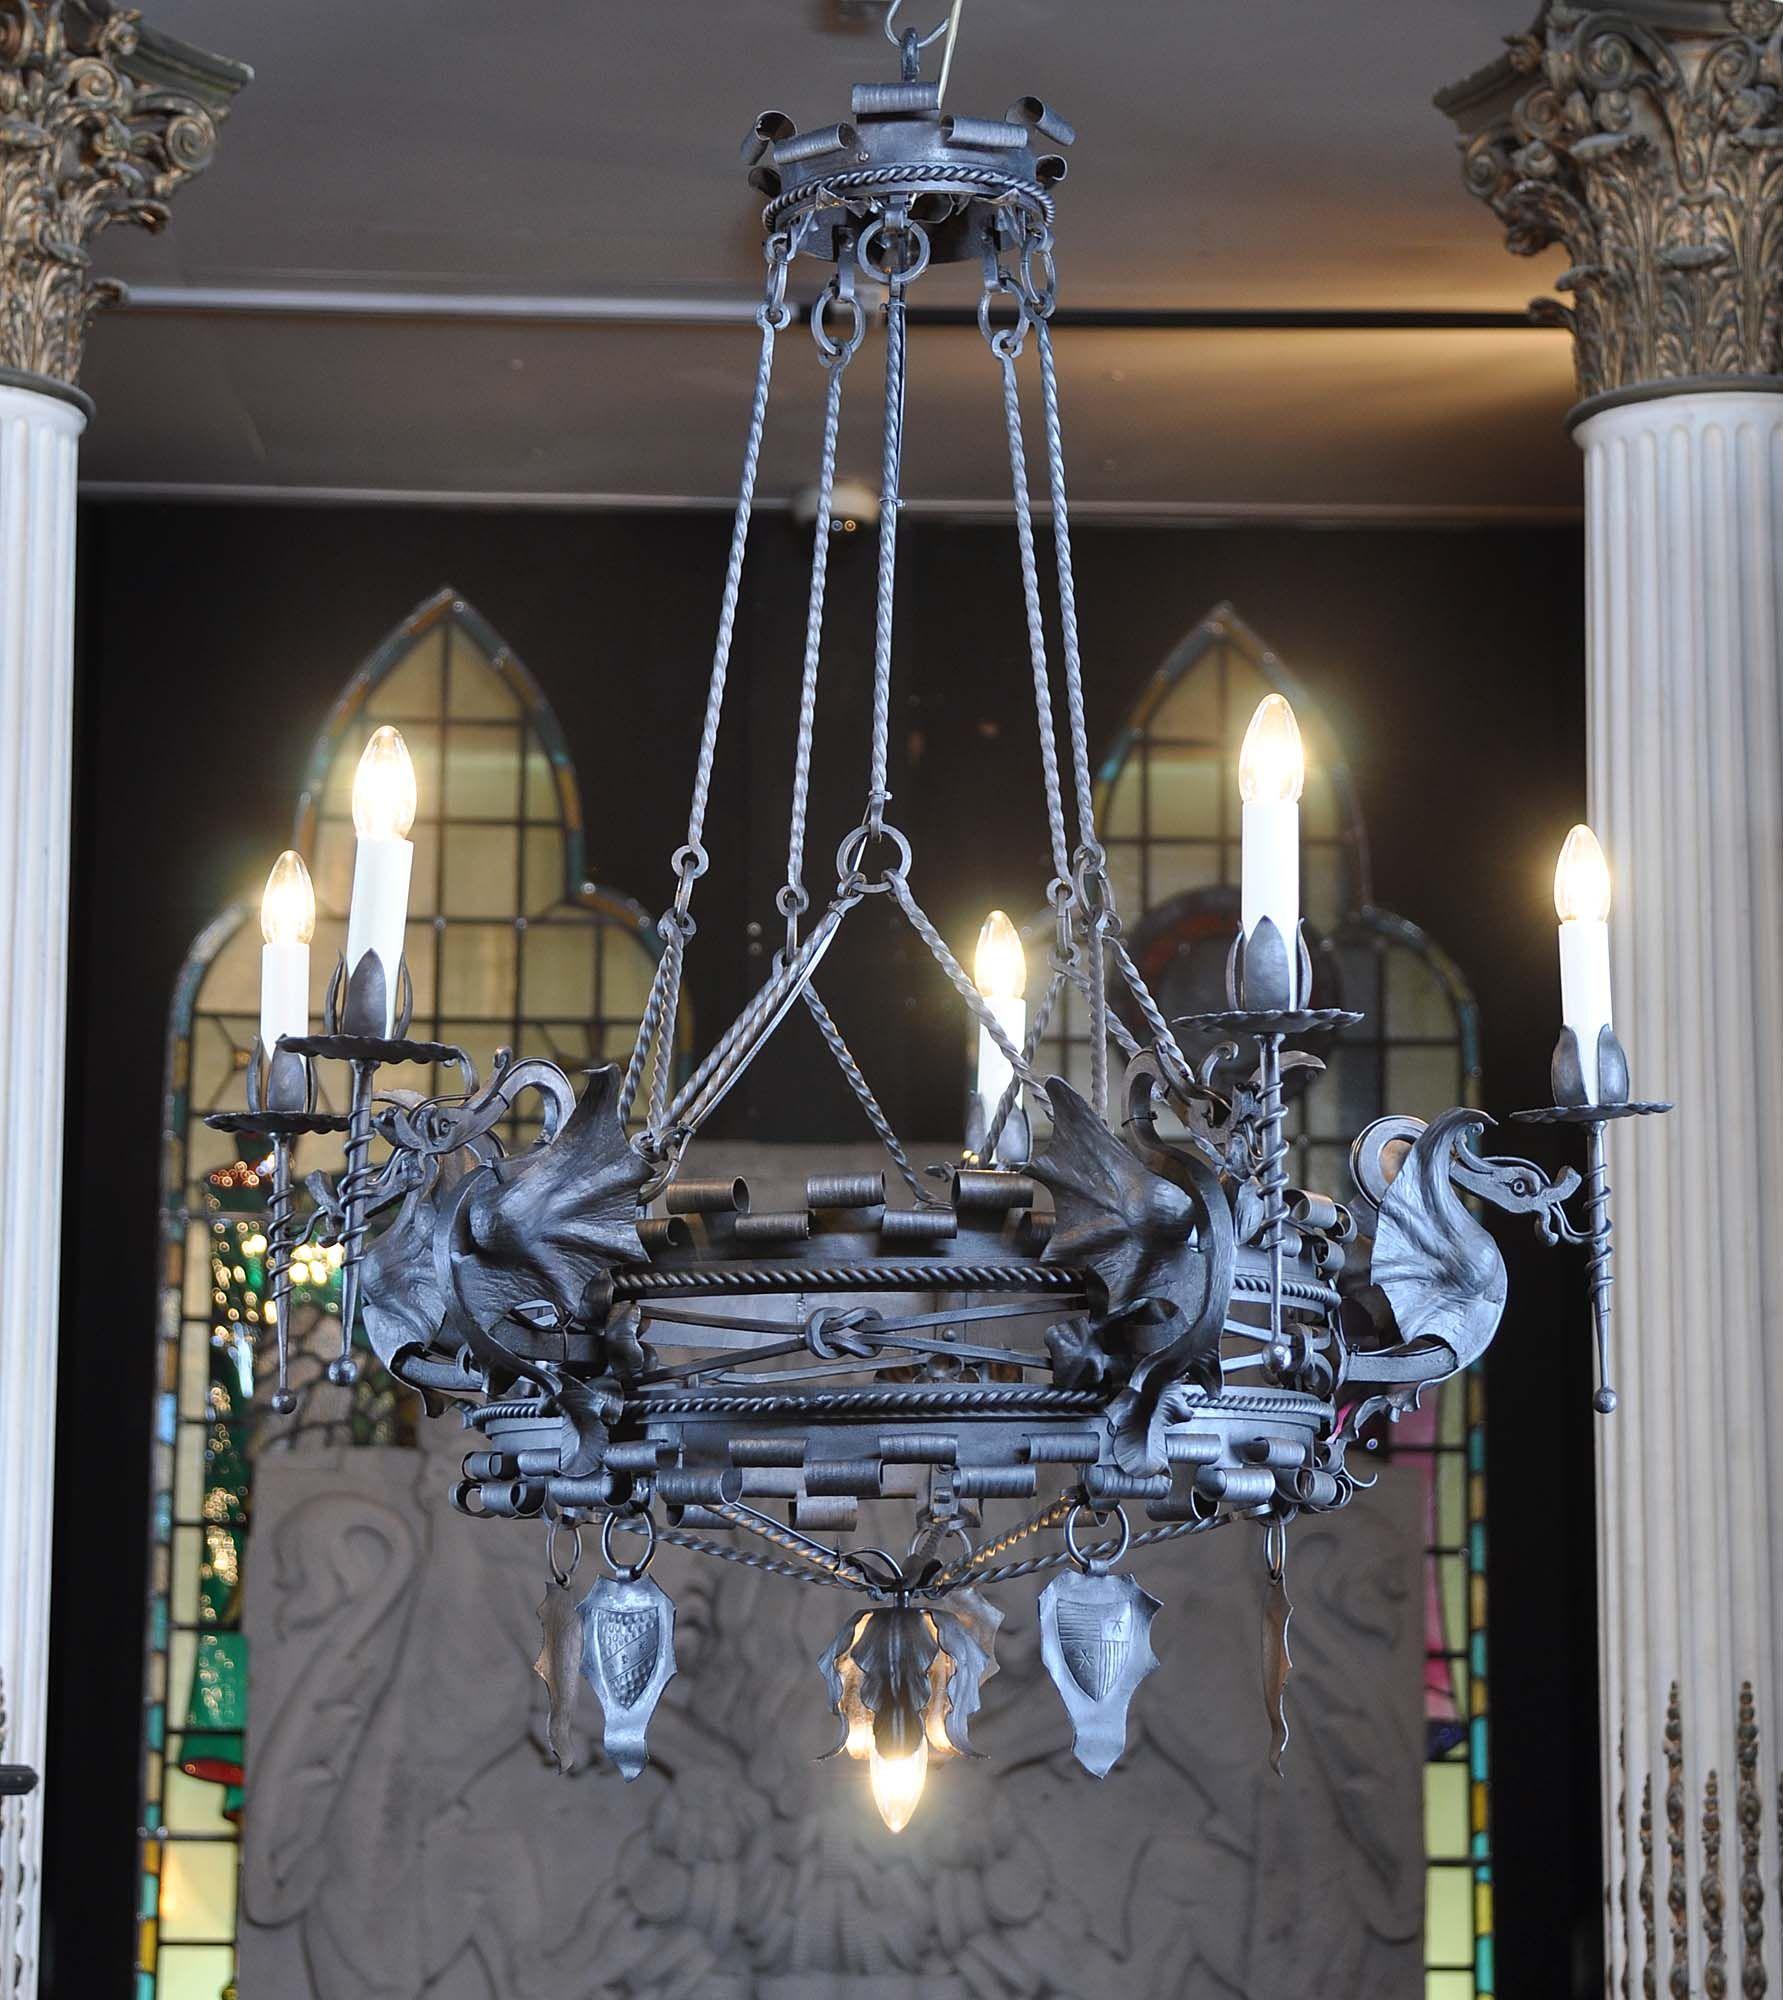 Iron mannerist dragon chandelier Люстры